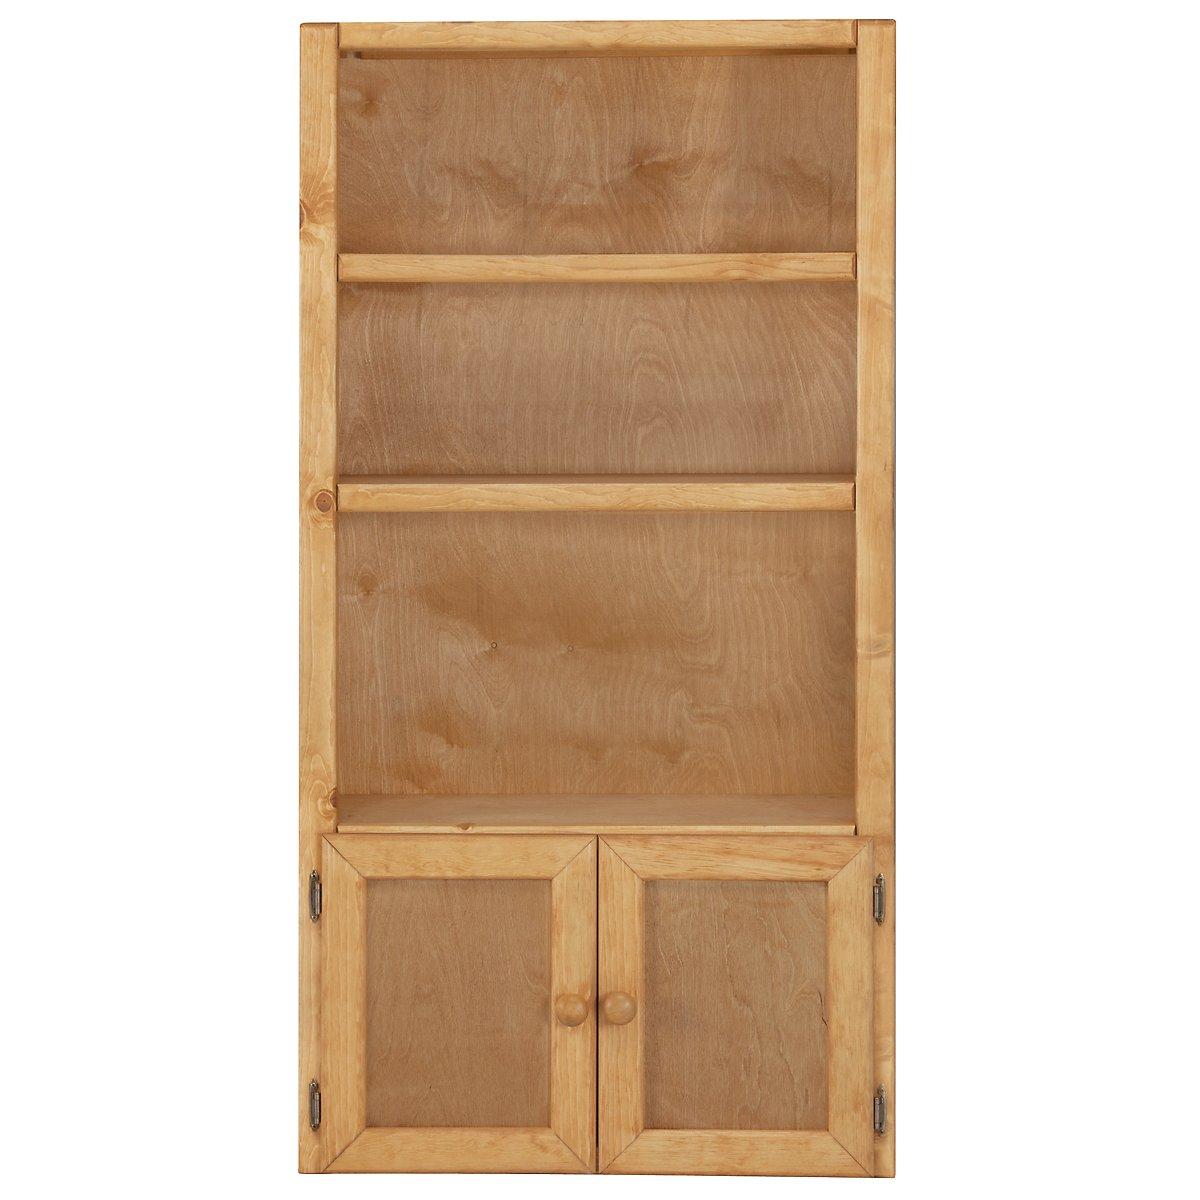 Cinnamon Mid Tone Bookcase